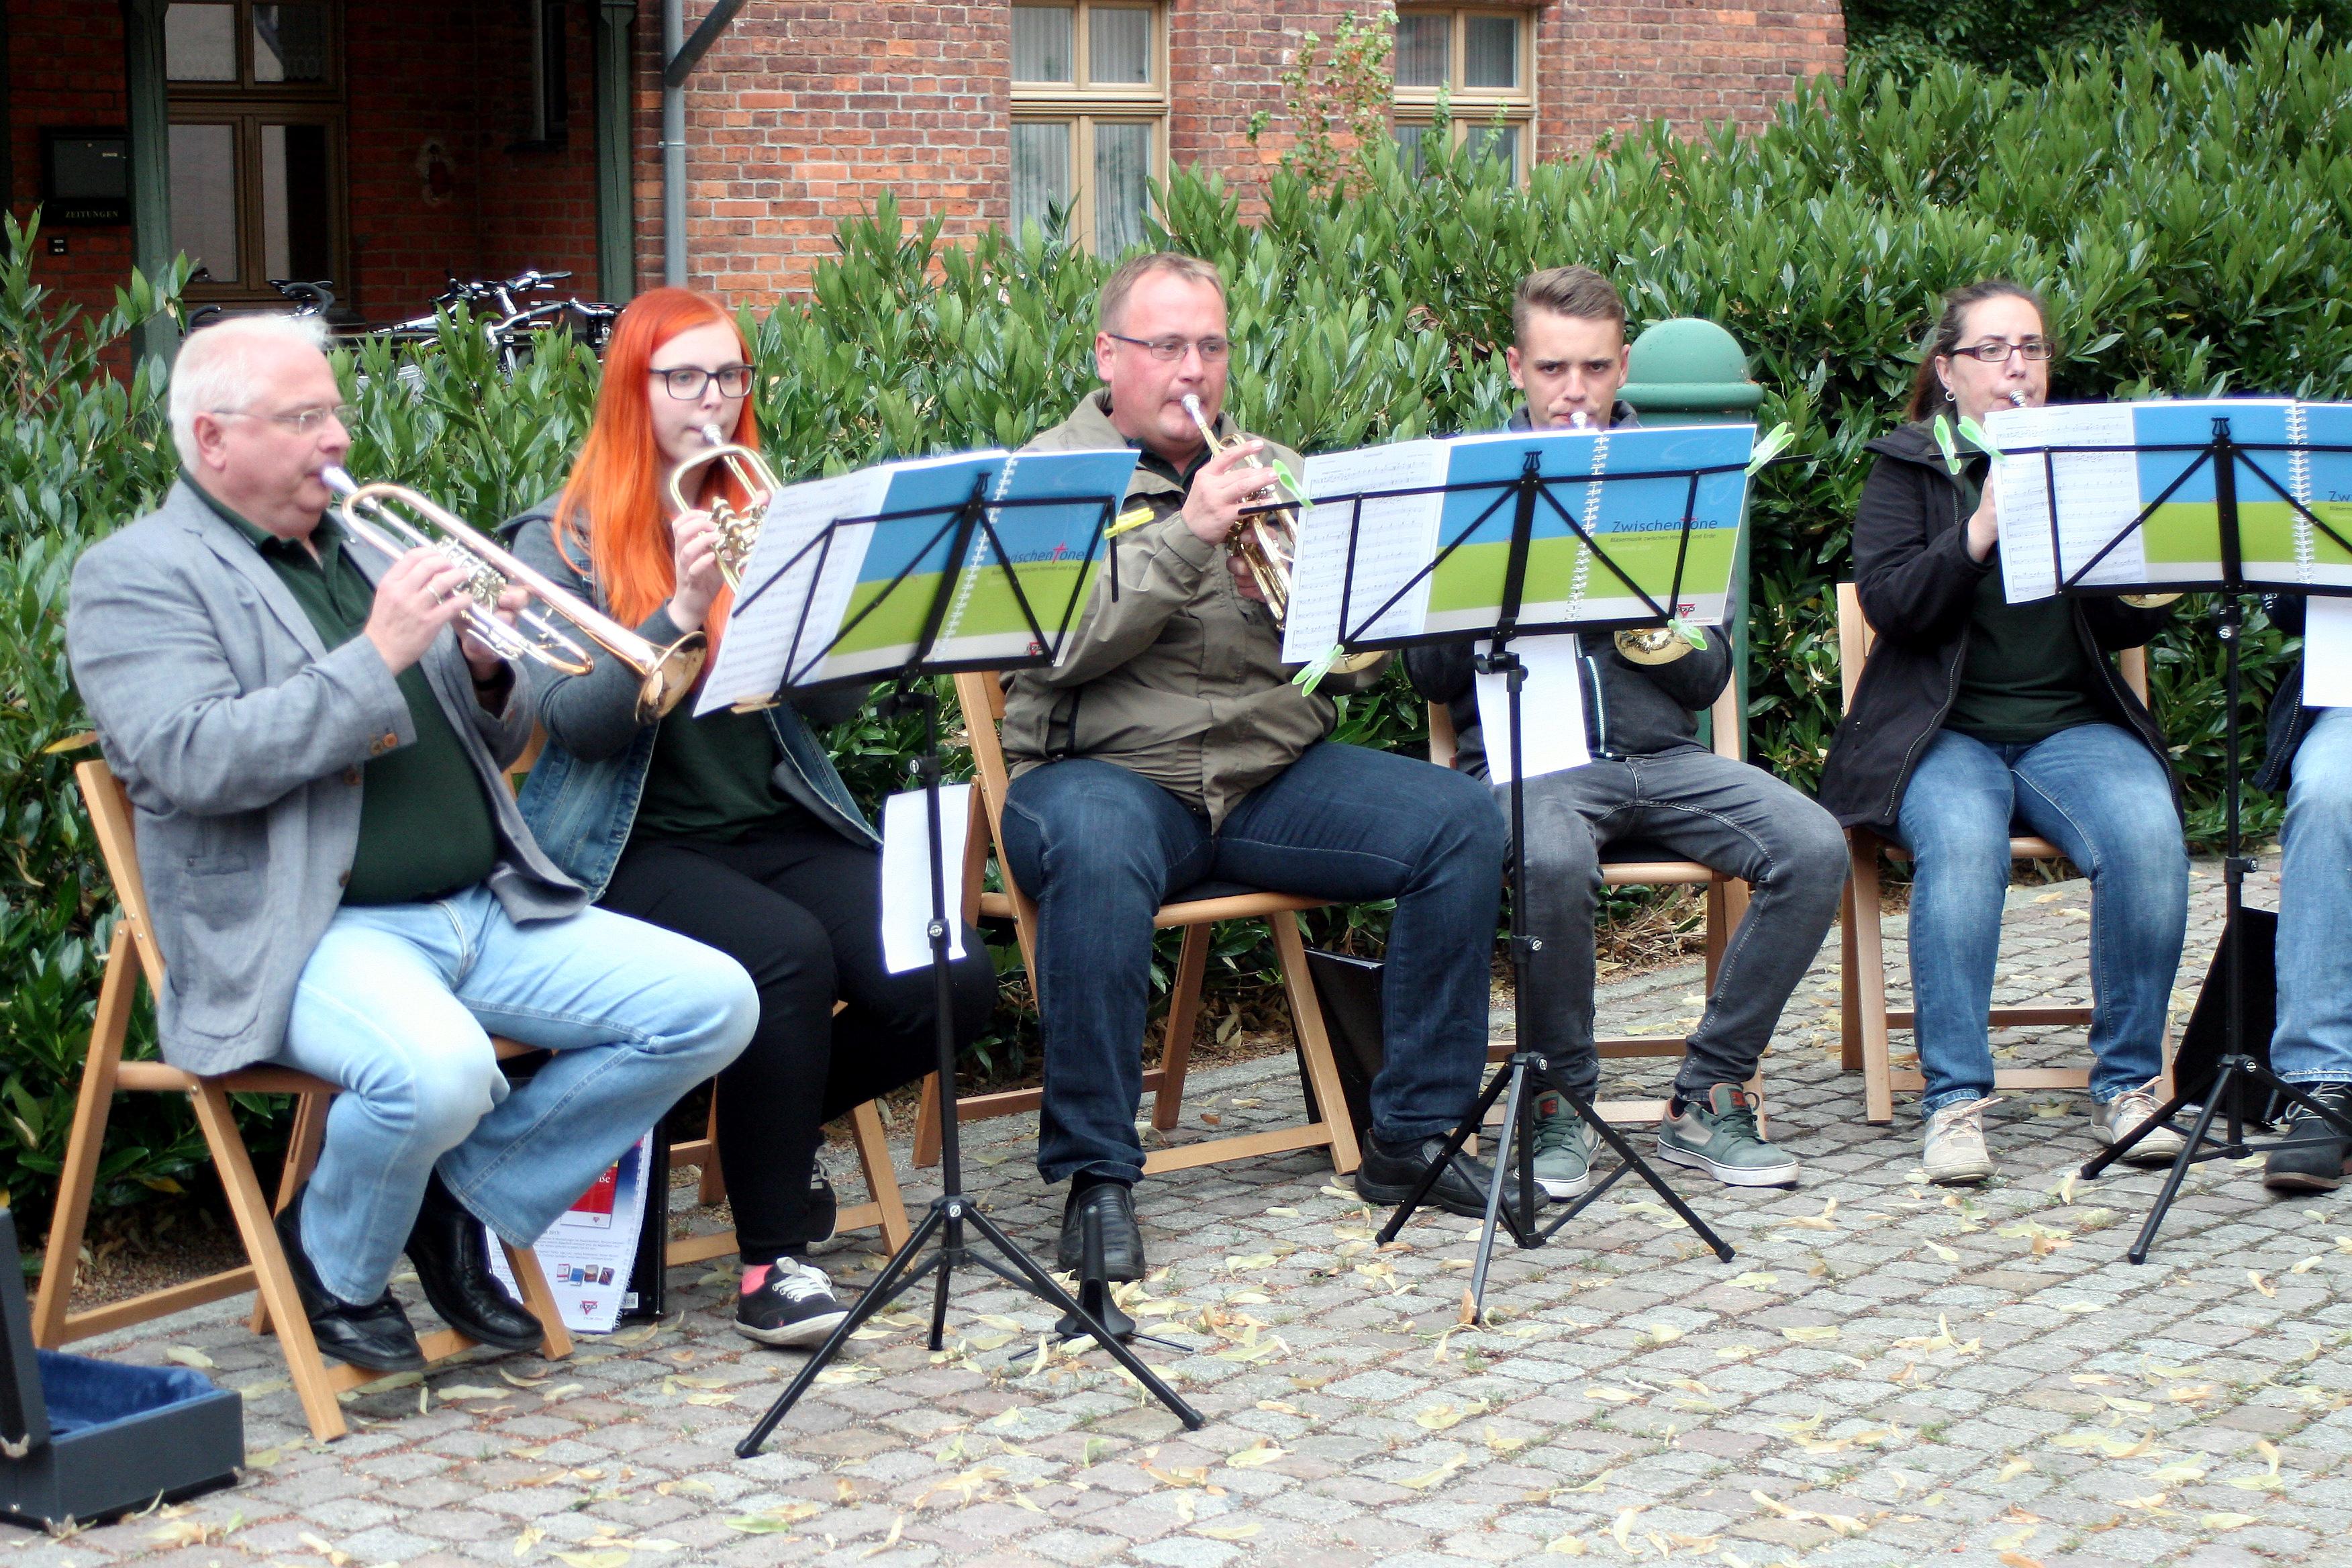 Die Bläser (im Bild) und der Kirchenchor bestritten am Montag im Wechsel den traditionellen Kirchenmusikabend. FOTO: D. MAYER